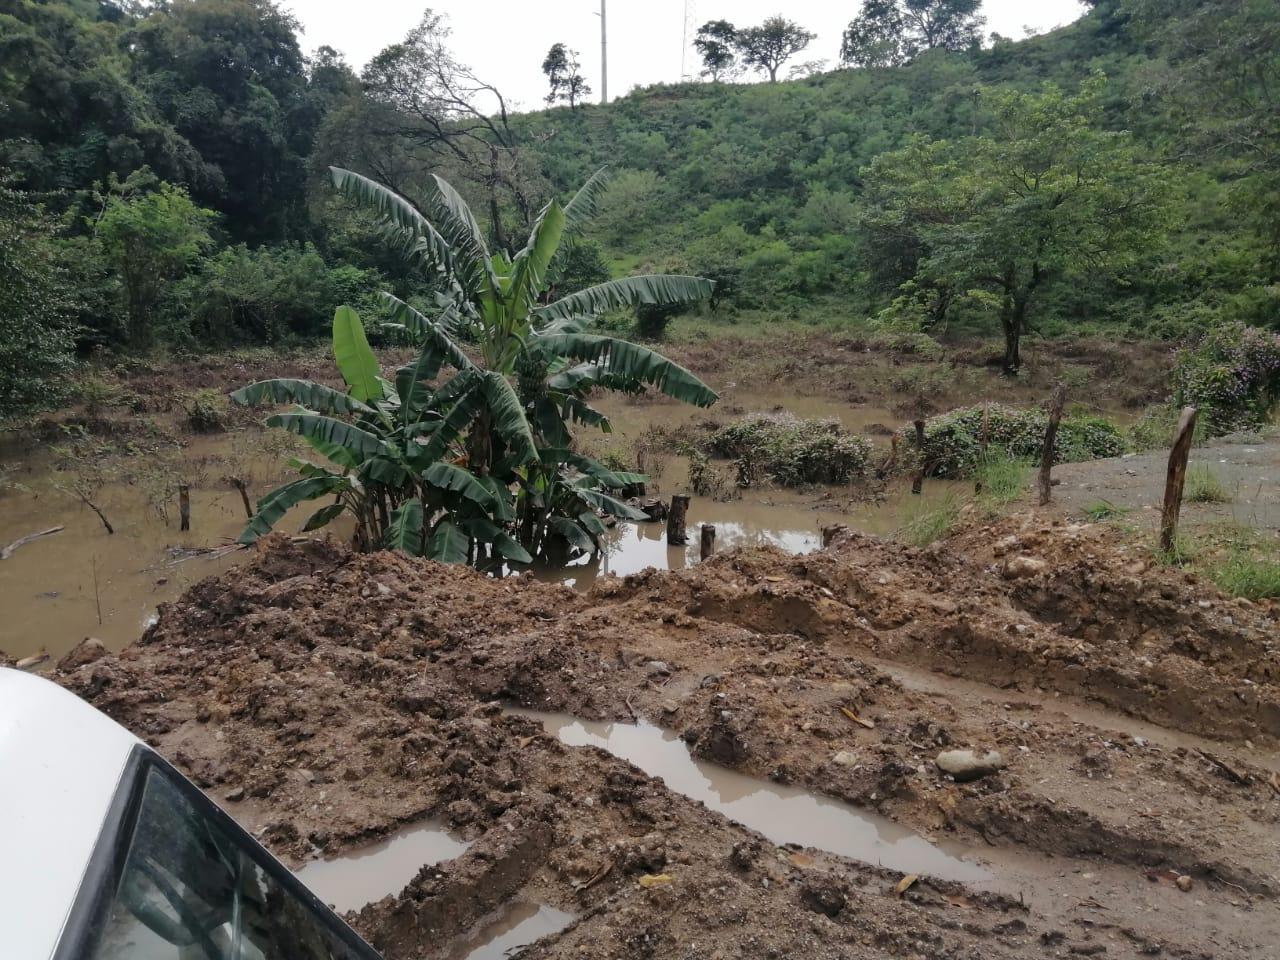 Santa Rosa Guachipilin y Masahuat sufren inundaciones por desbordamiento del rio Lempa